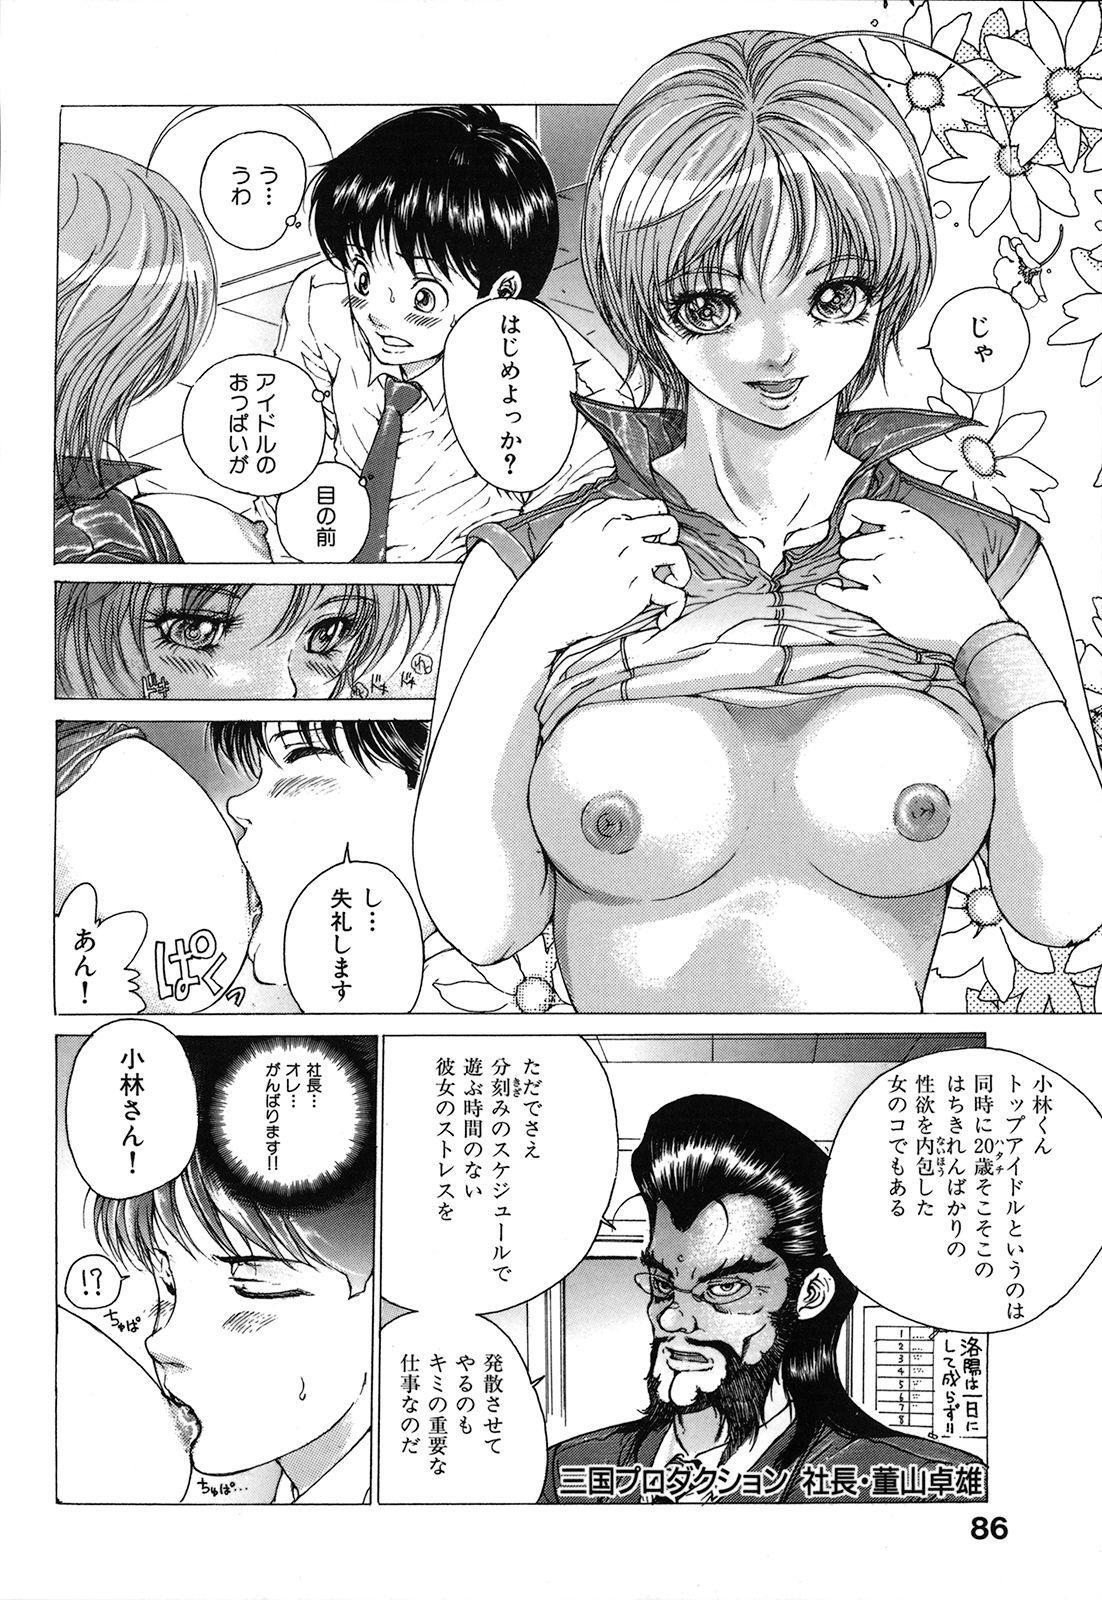 Kou Musume 89